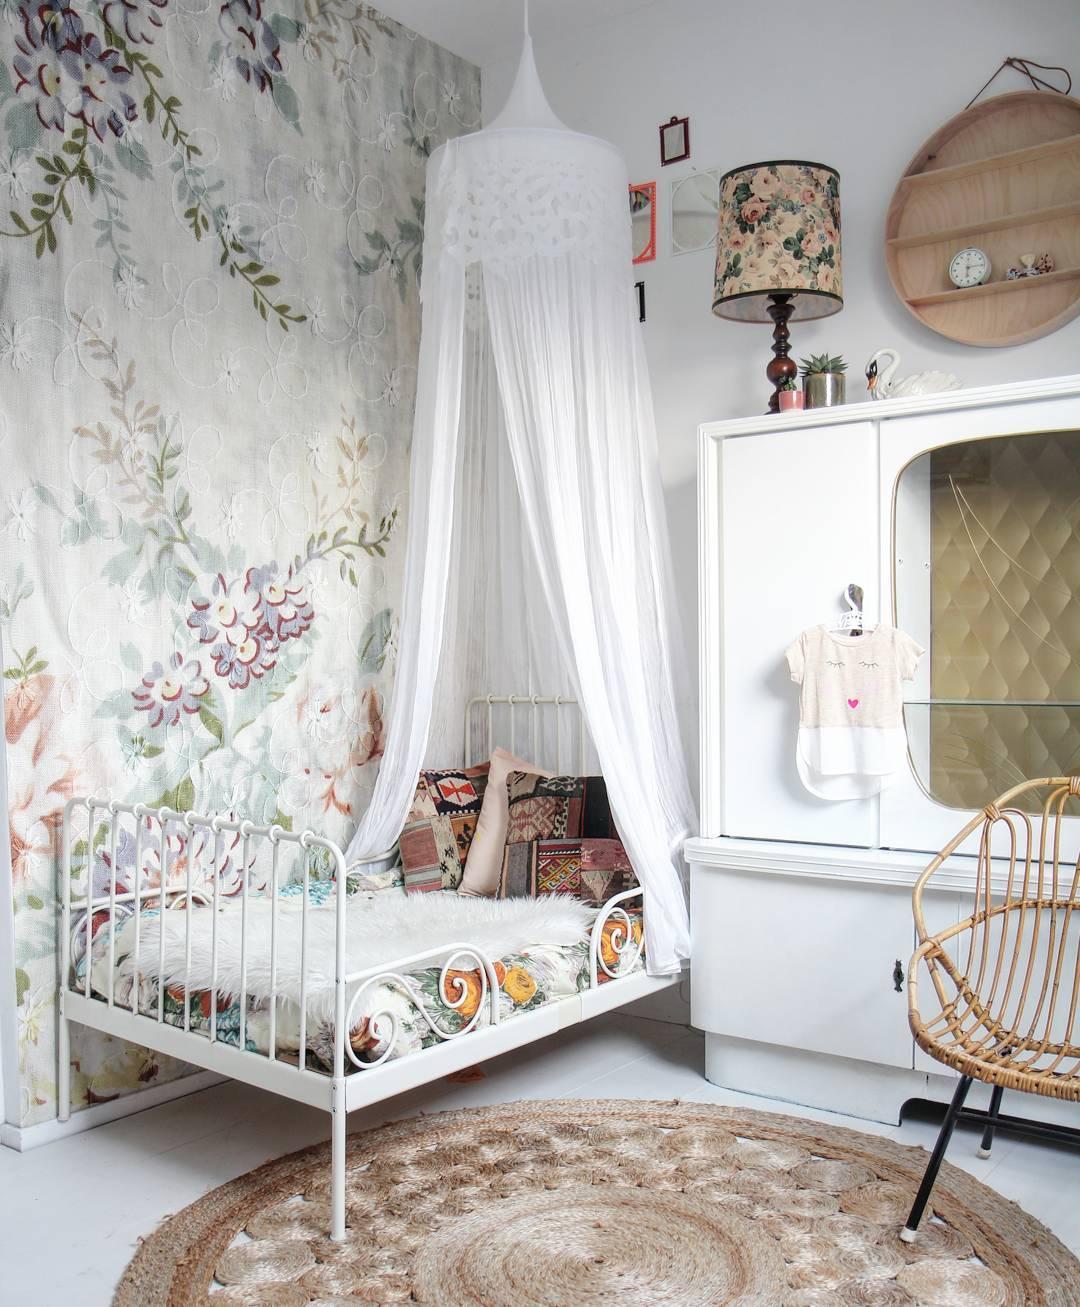 papel pintado de flores para una habitaci n infantil decopeques. Black Bedroom Furniture Sets. Home Design Ideas